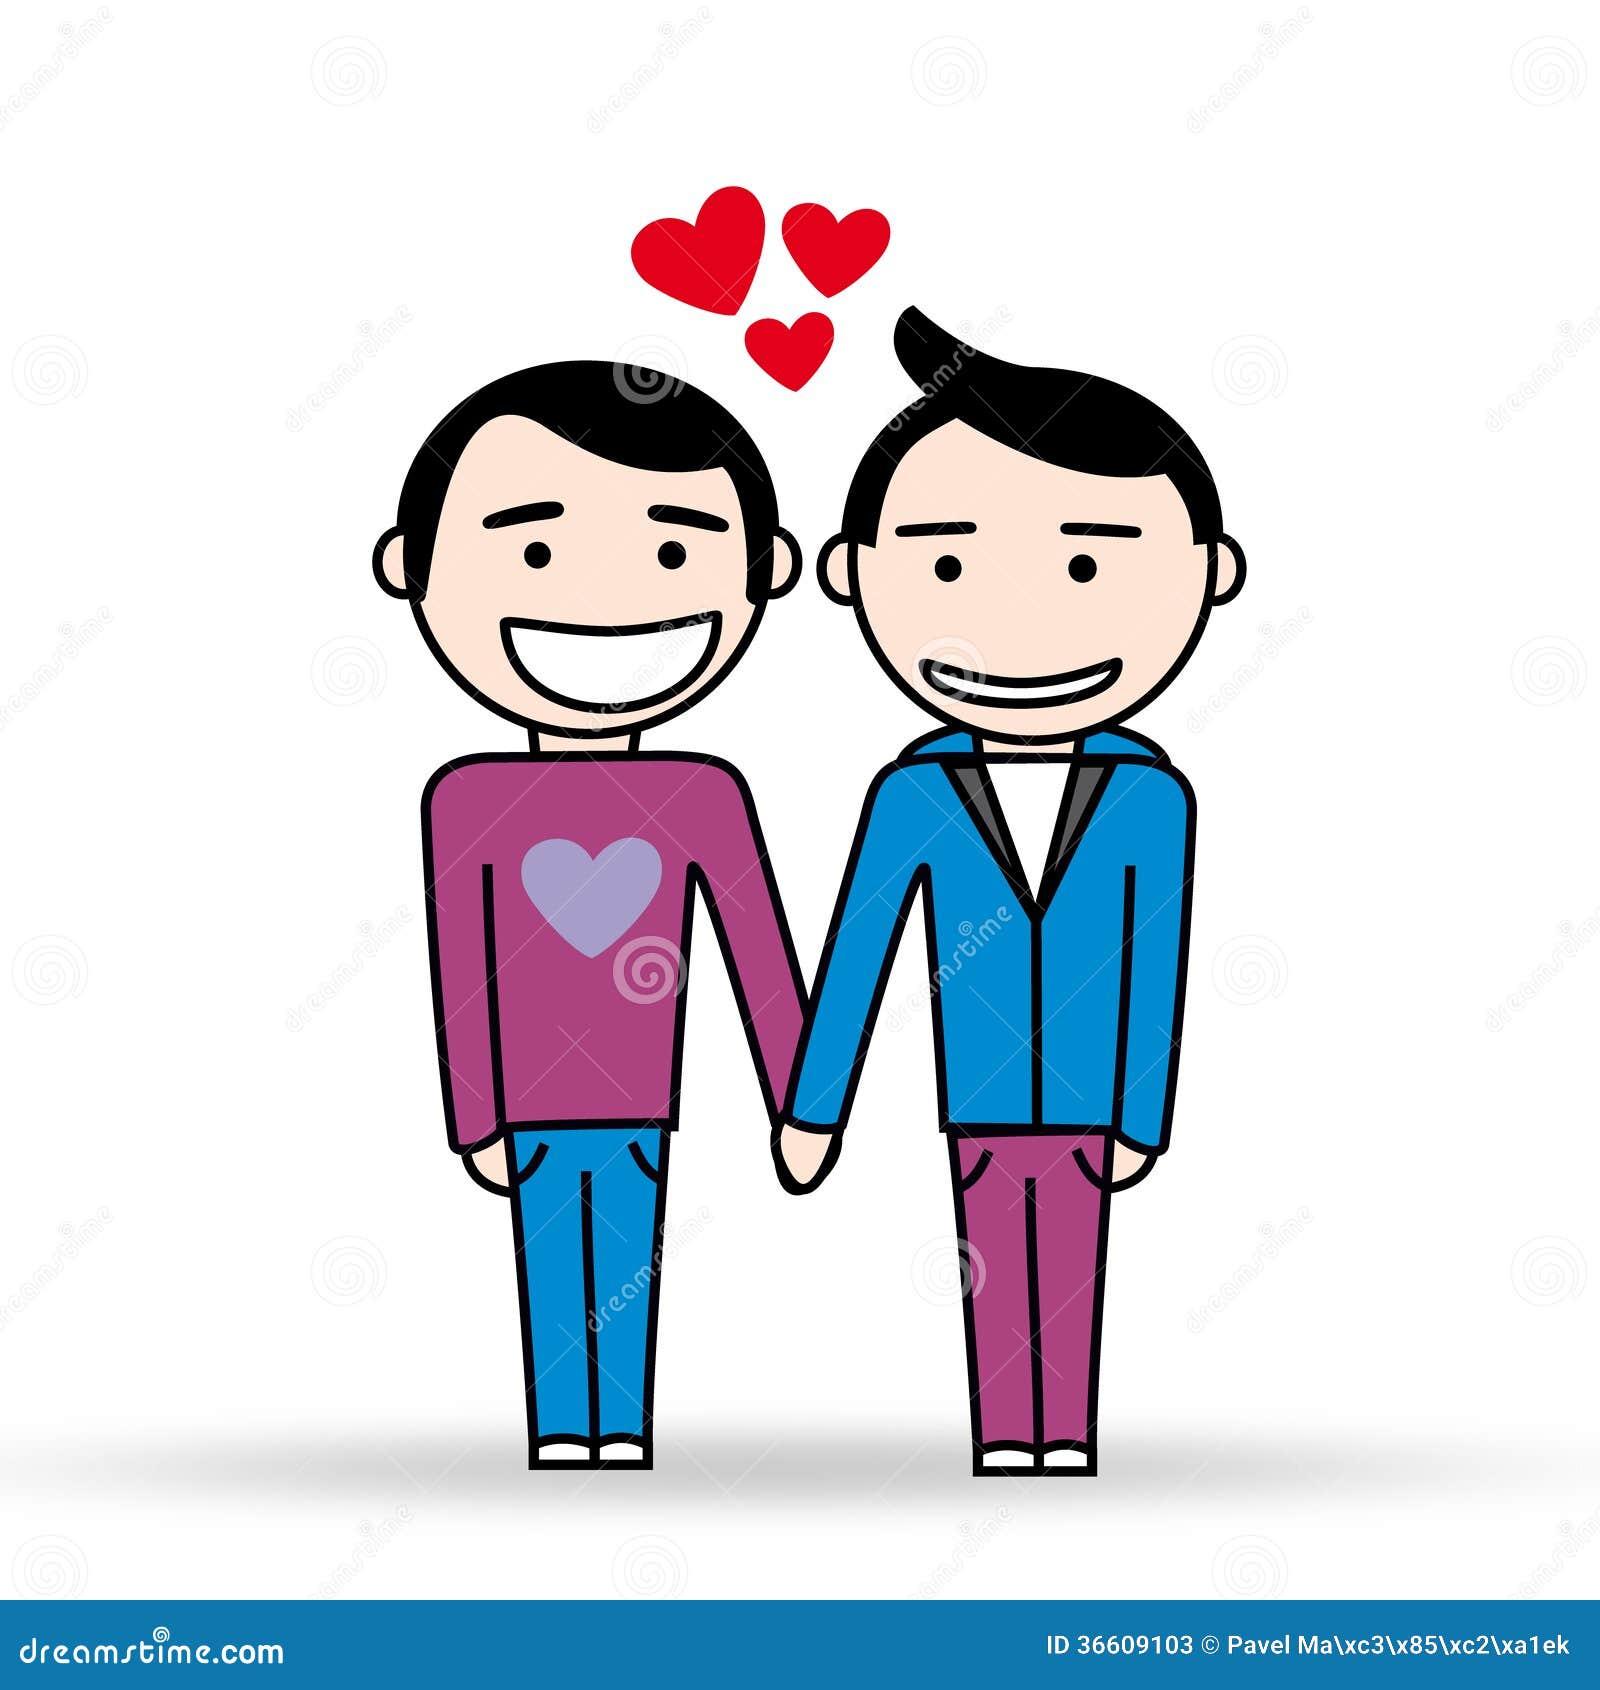 Anime gay couple romance kissing and bareback 8